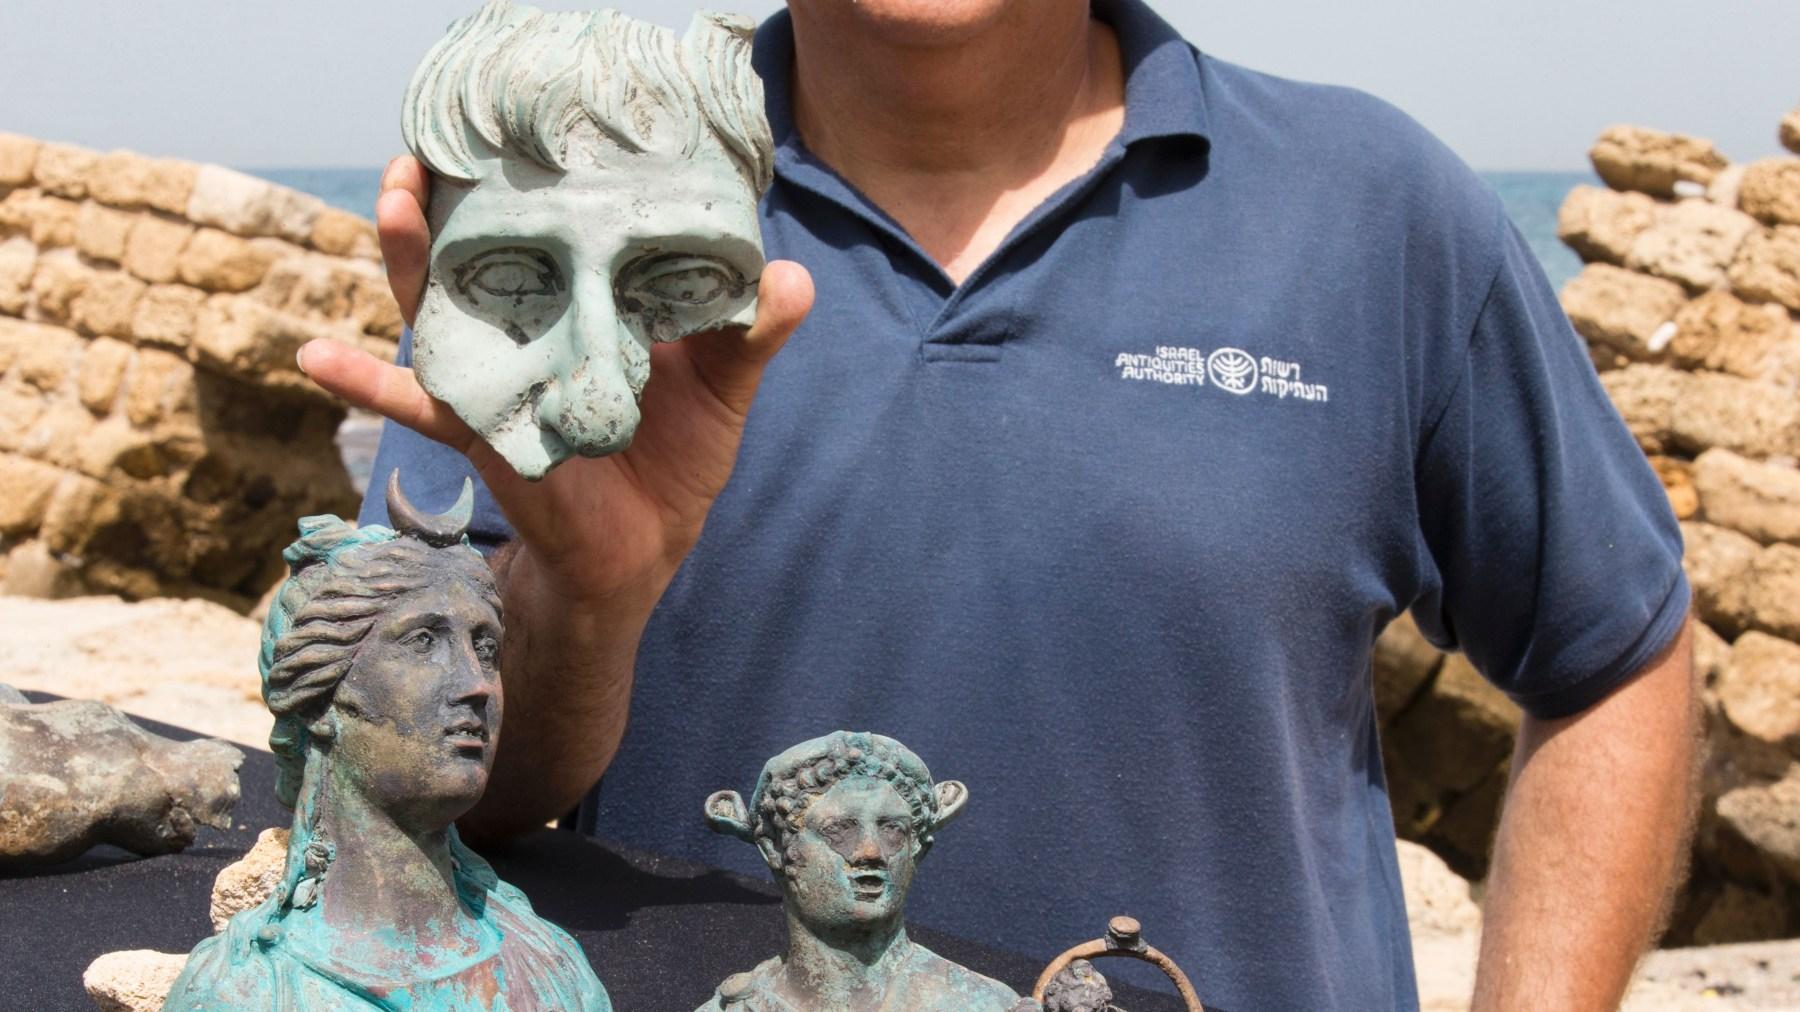 Roman Shipwreck Artifacts